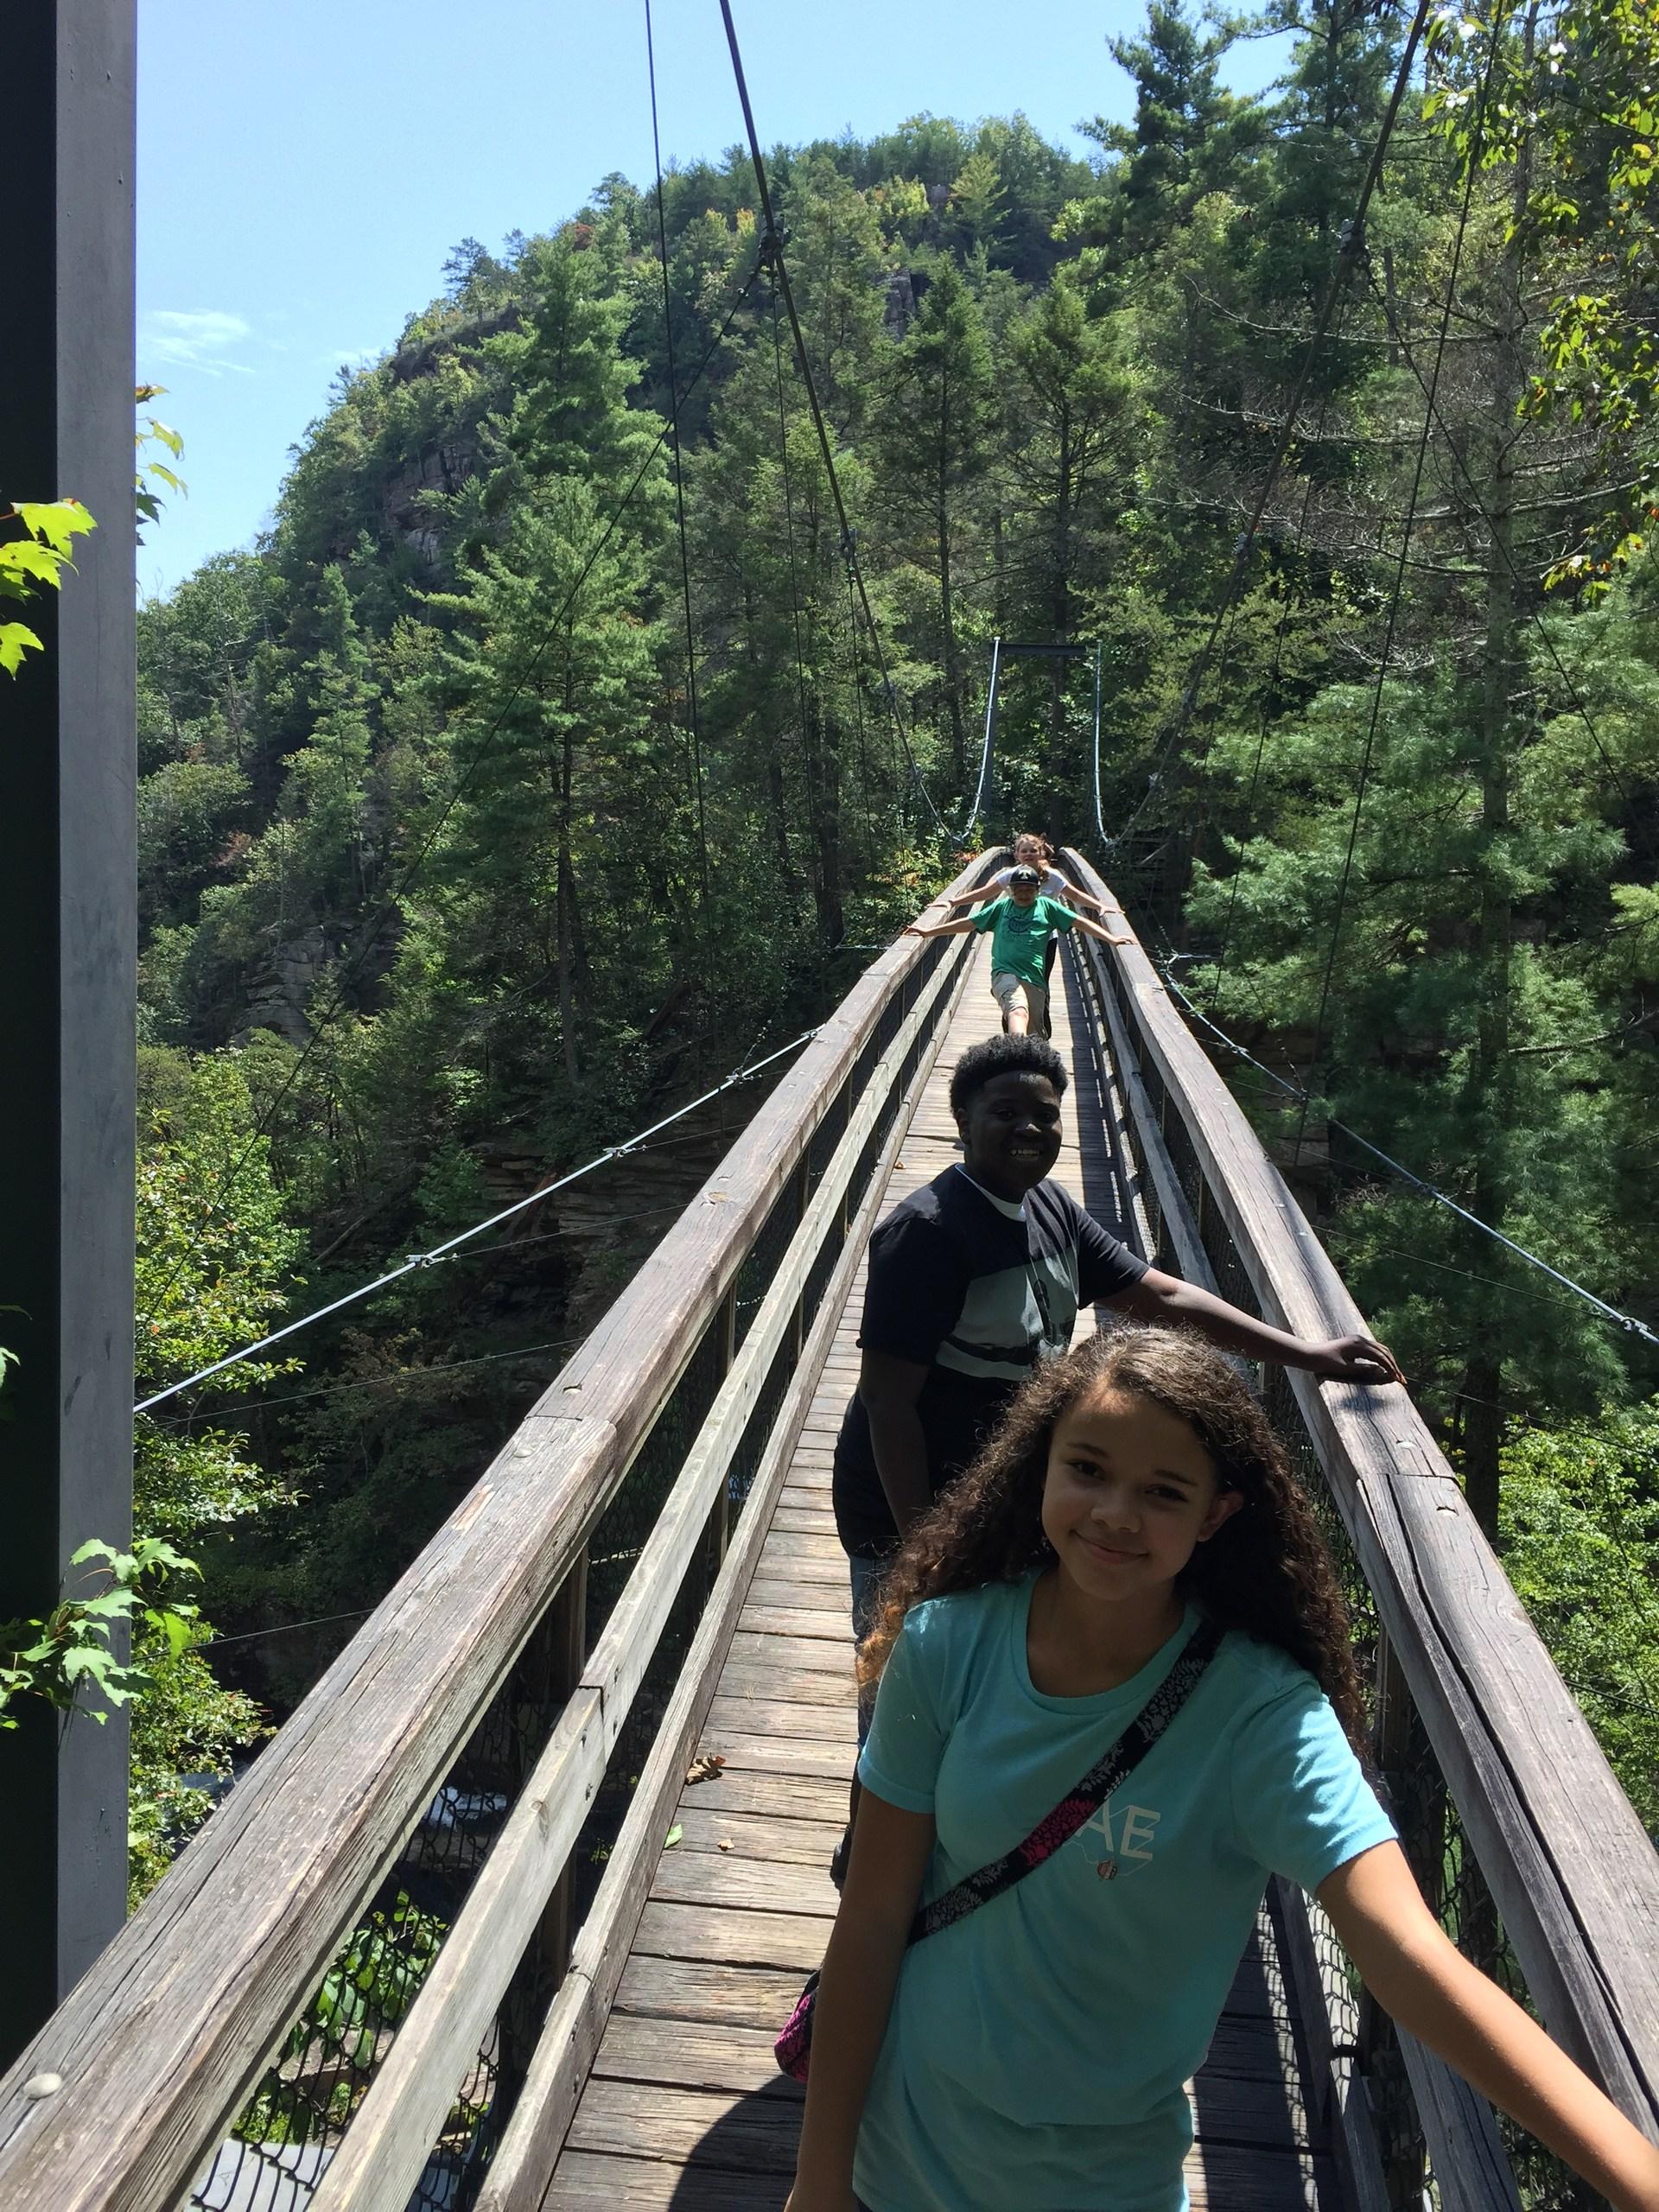 Tallulah Gorge suspended bridge